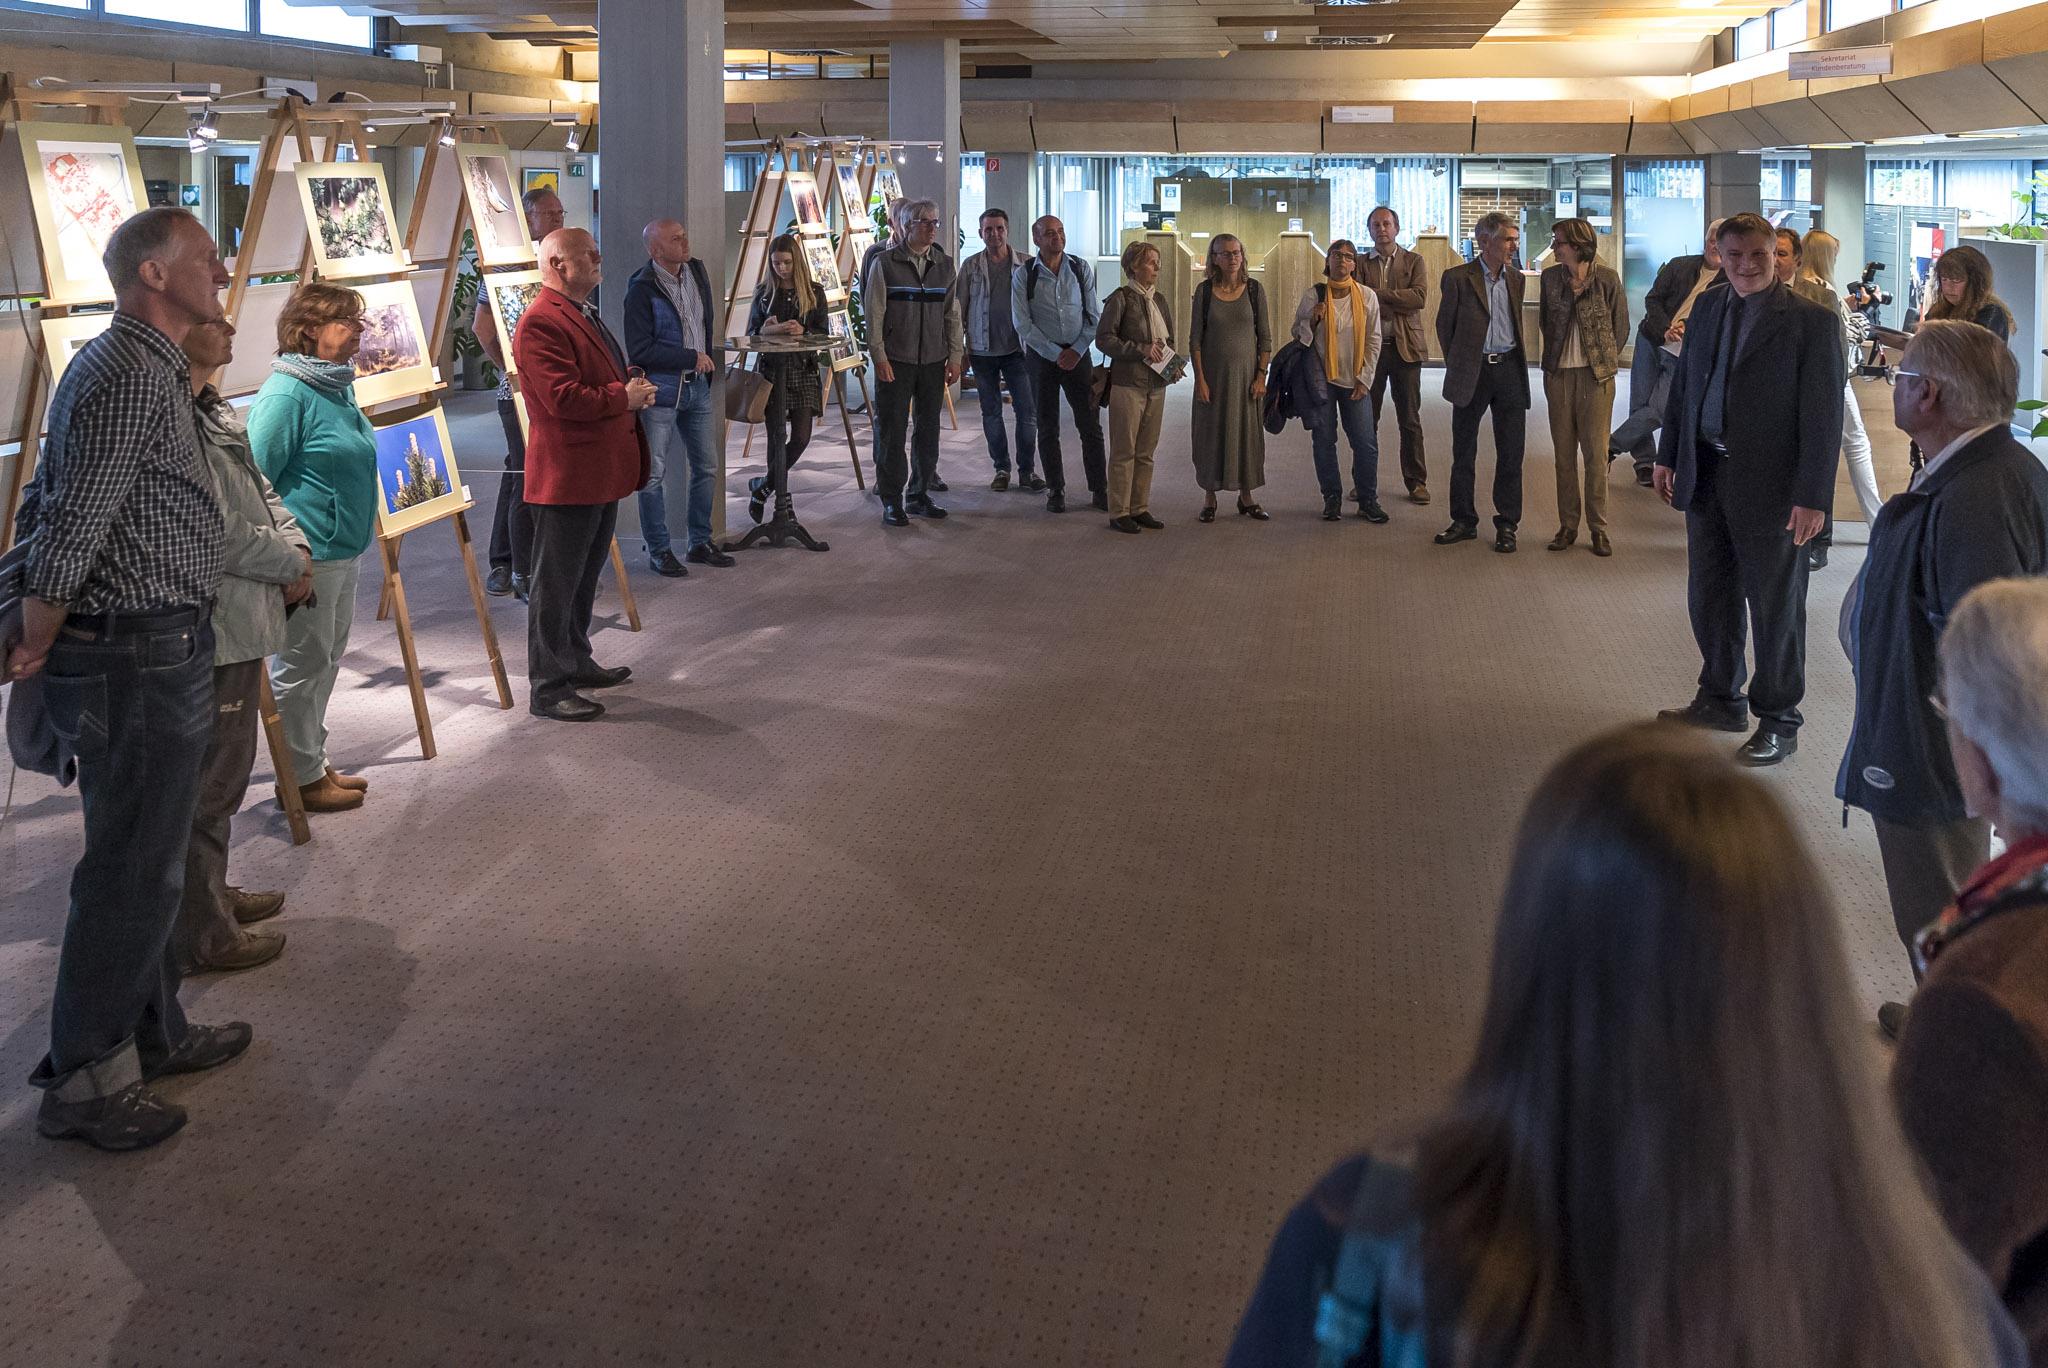 Eröffnung der Föhren-Ausstellung in der Stadtsparkasse Bad Tölz-Wolfratshausen an der Sauerlacher Straße